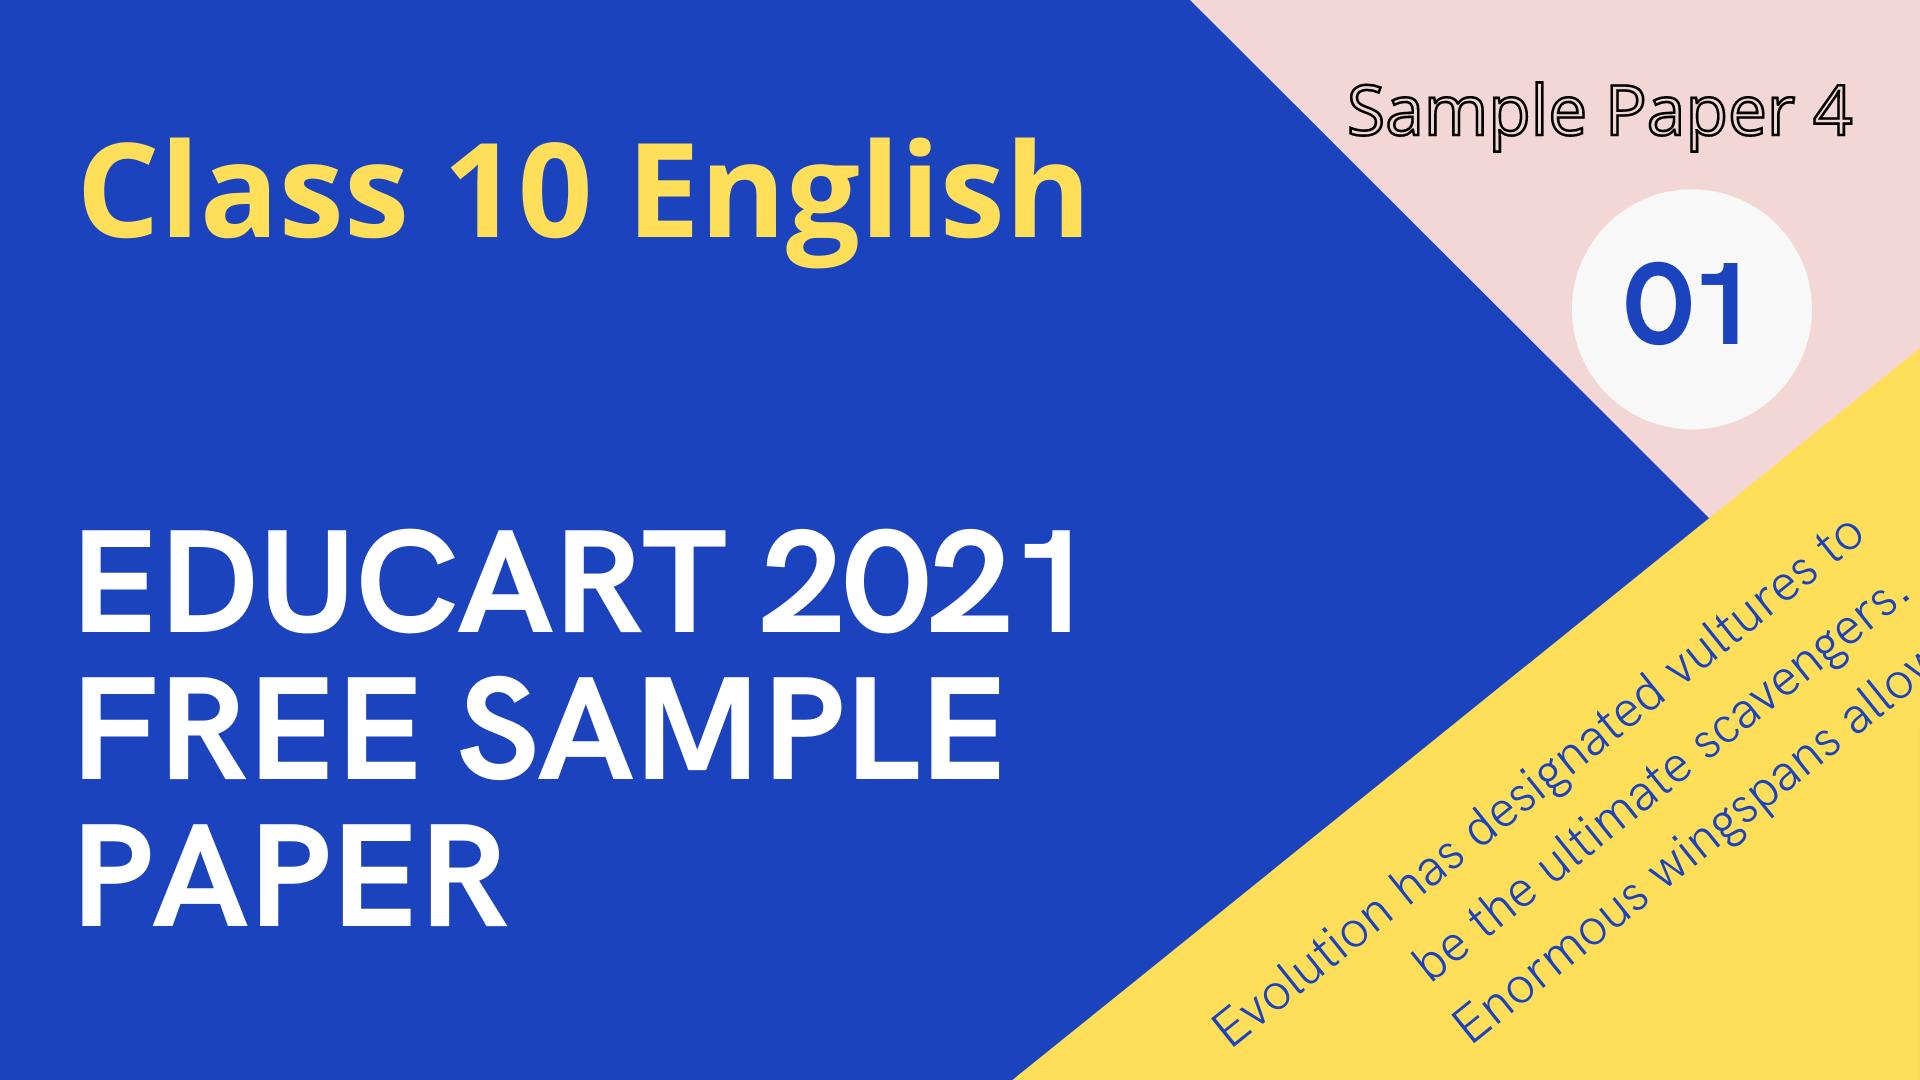 free educart sample paper